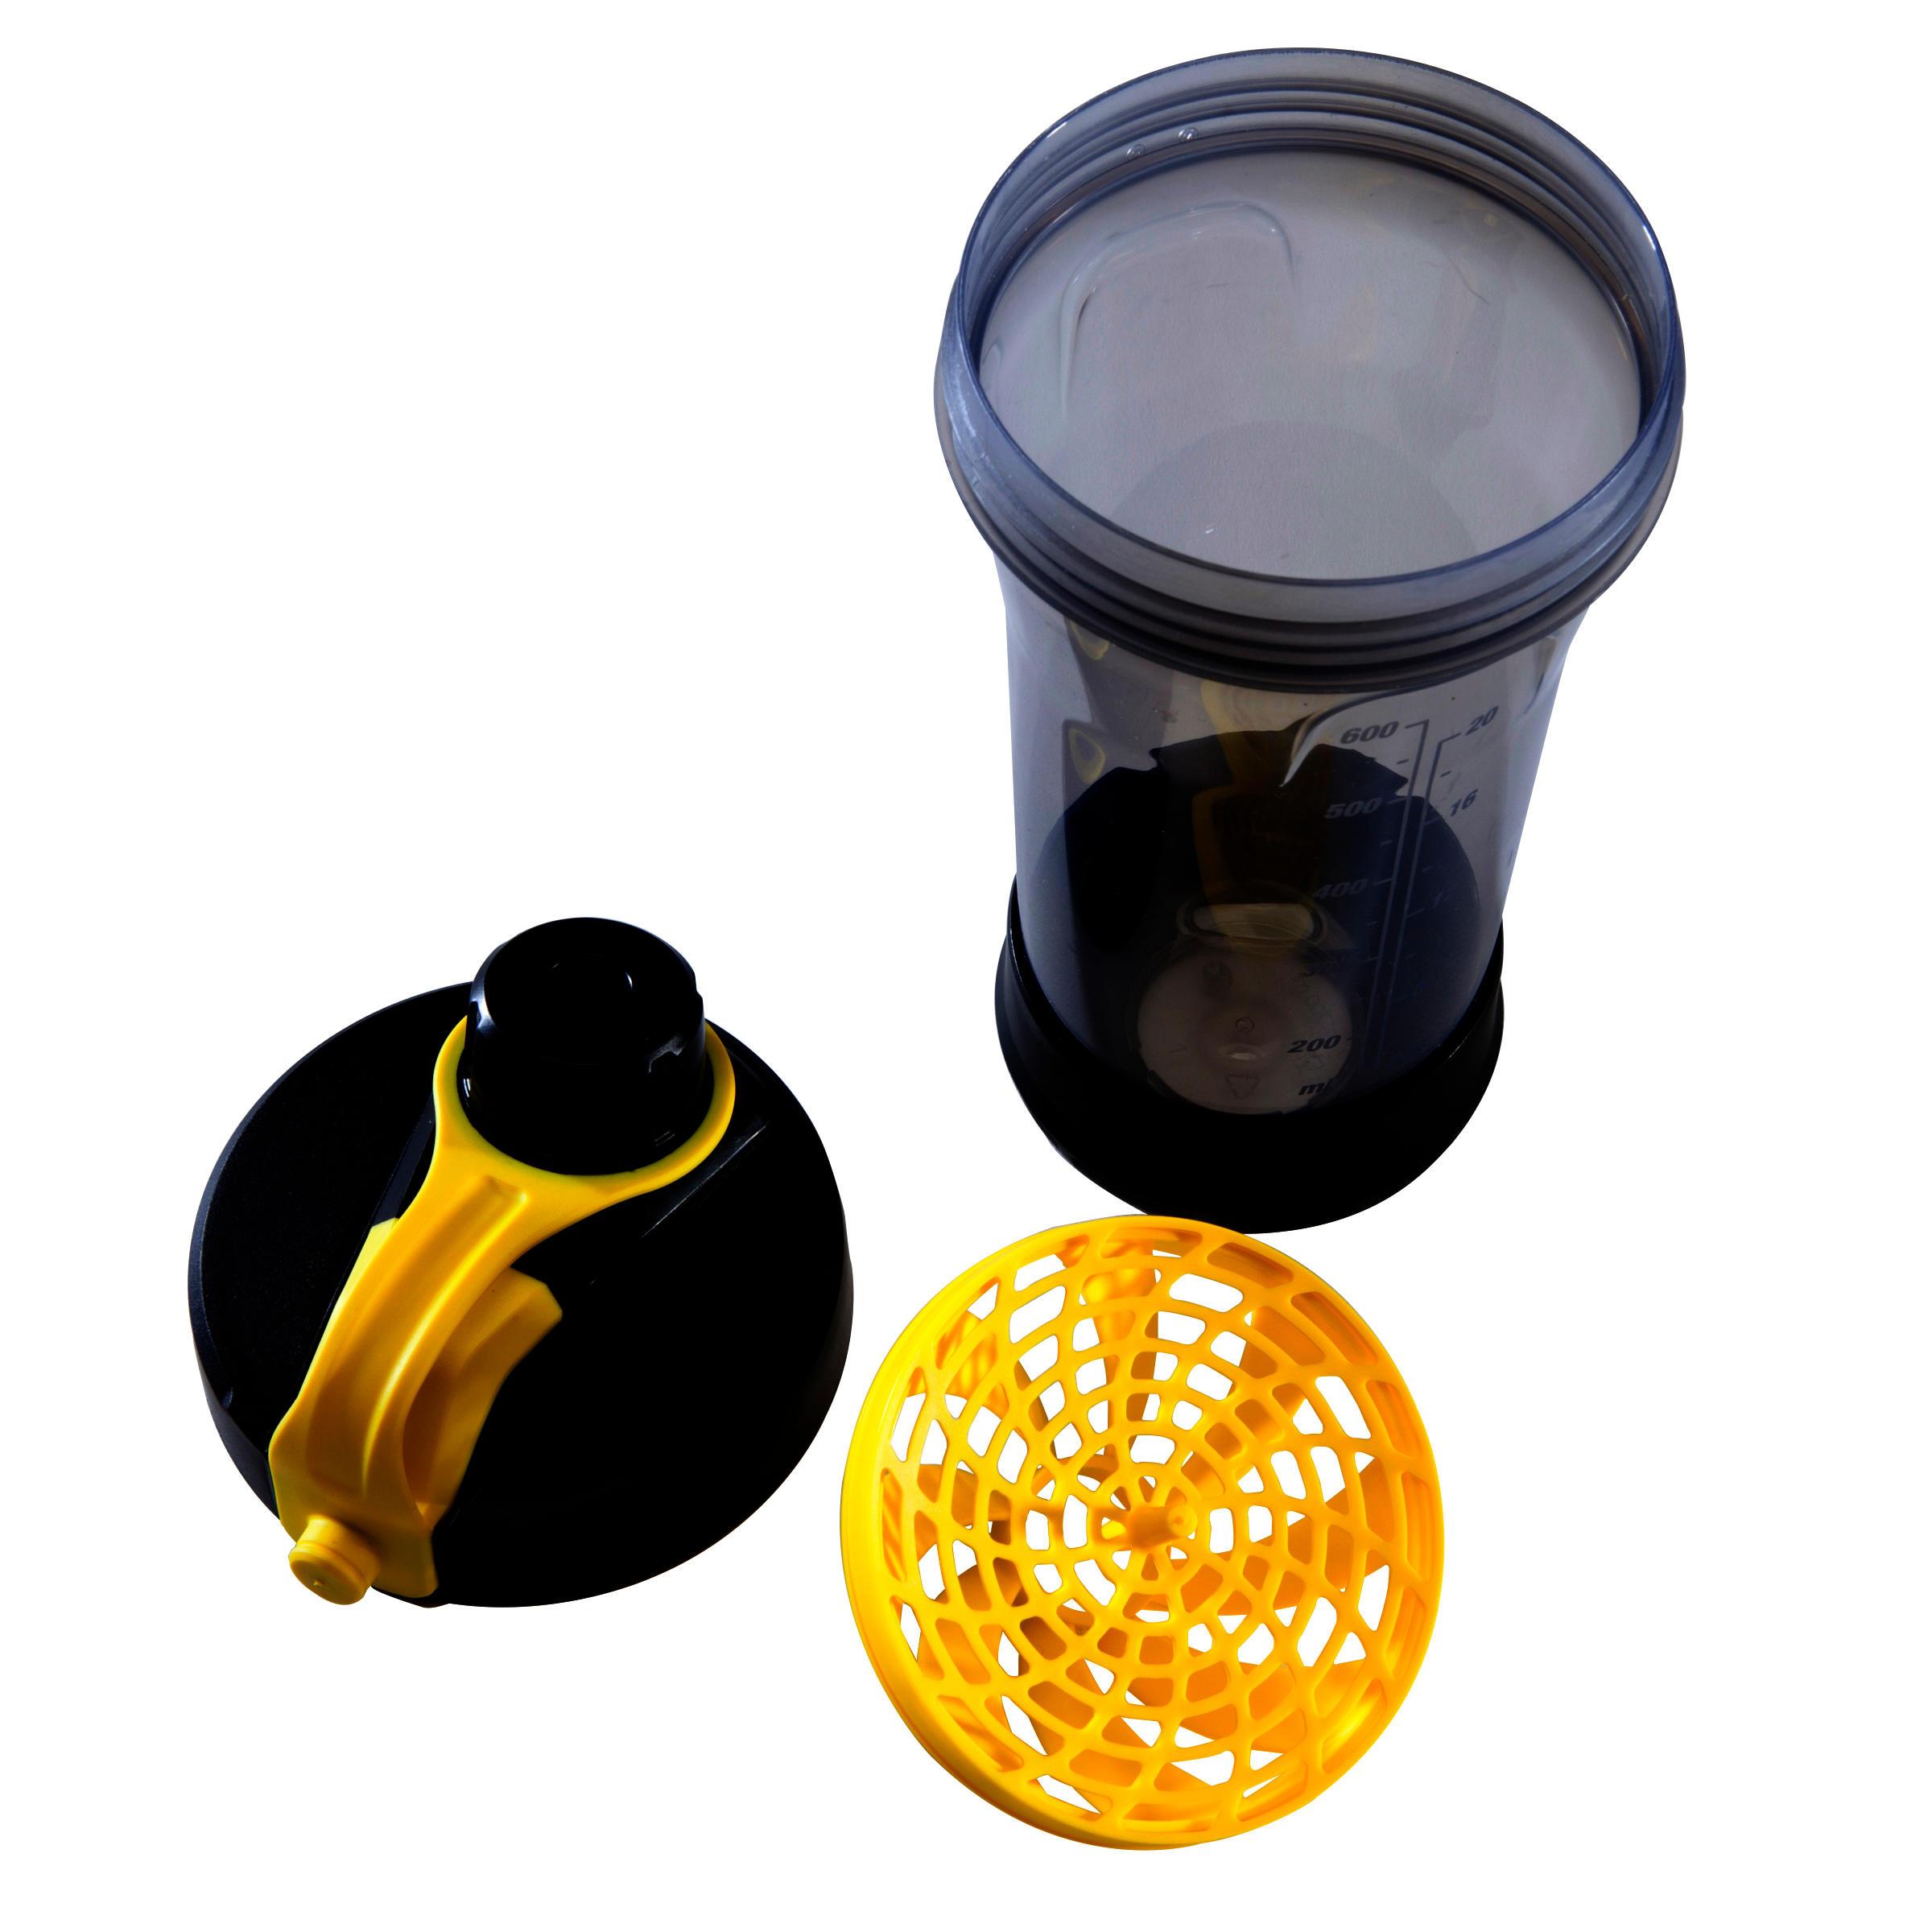 Shaker 700 ml - Black/Yellow